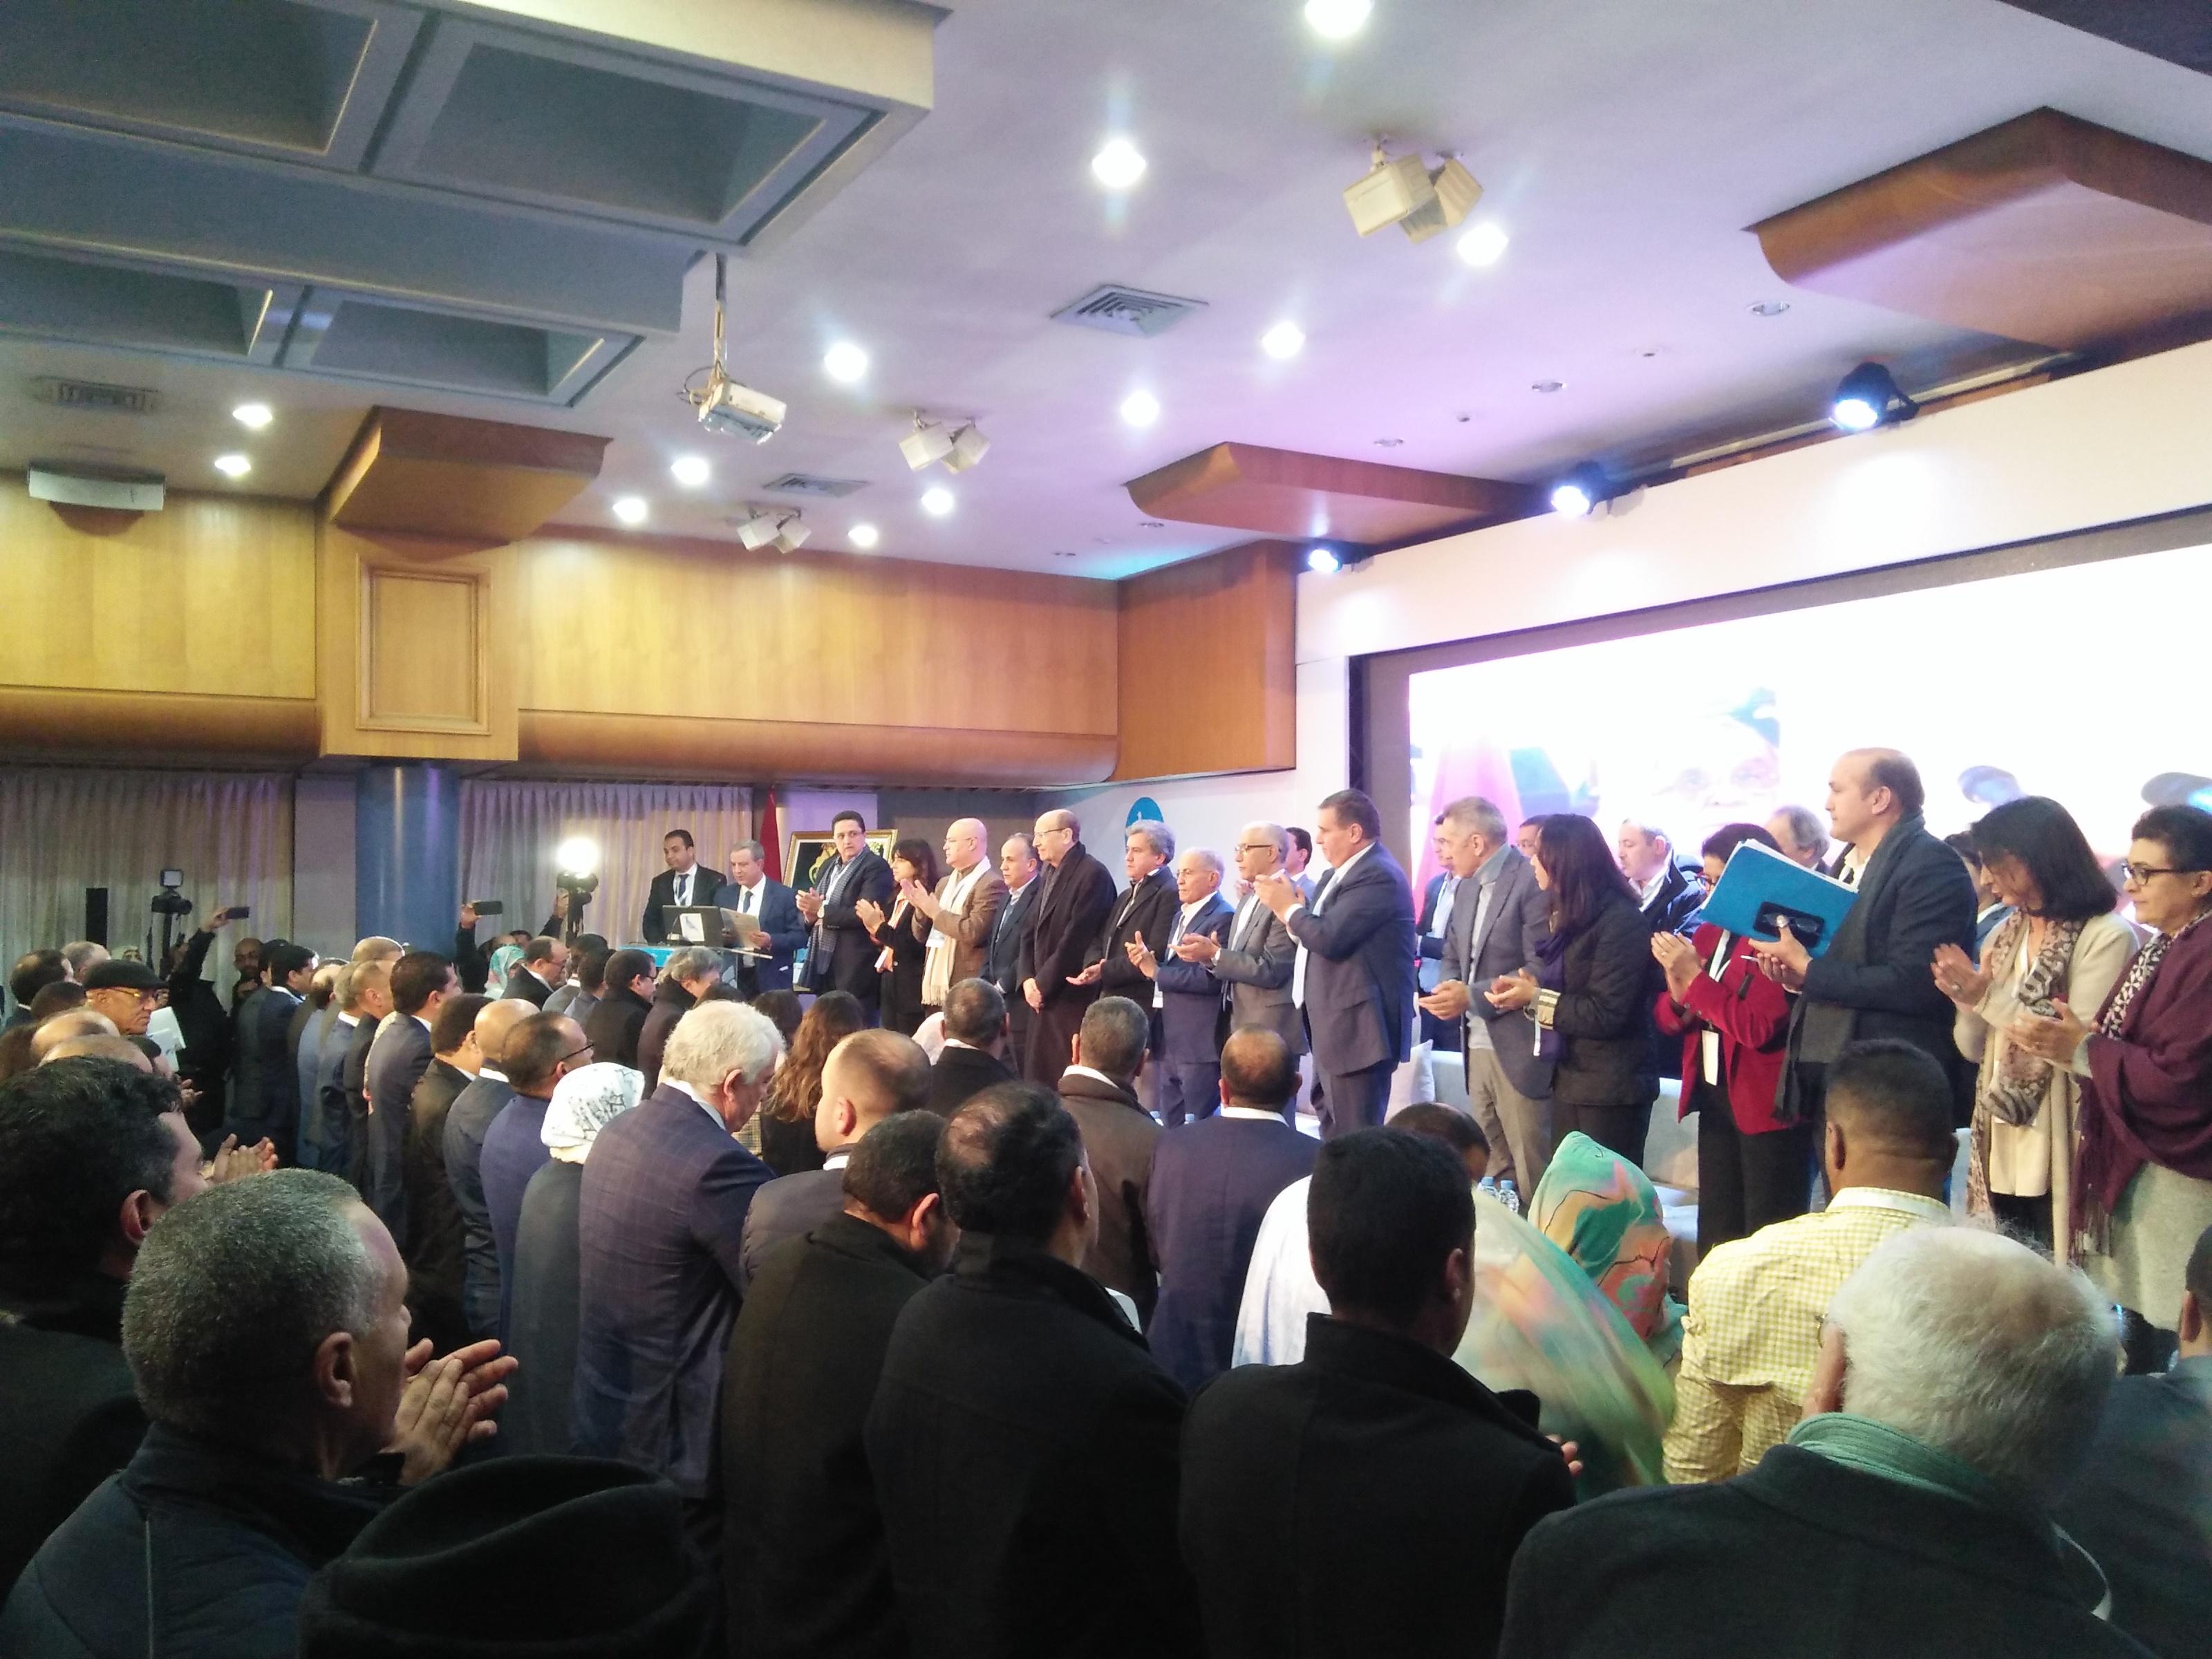 Conseil national du RNI : Akhannouch appelle les acteurs politiques à bannir le populisme